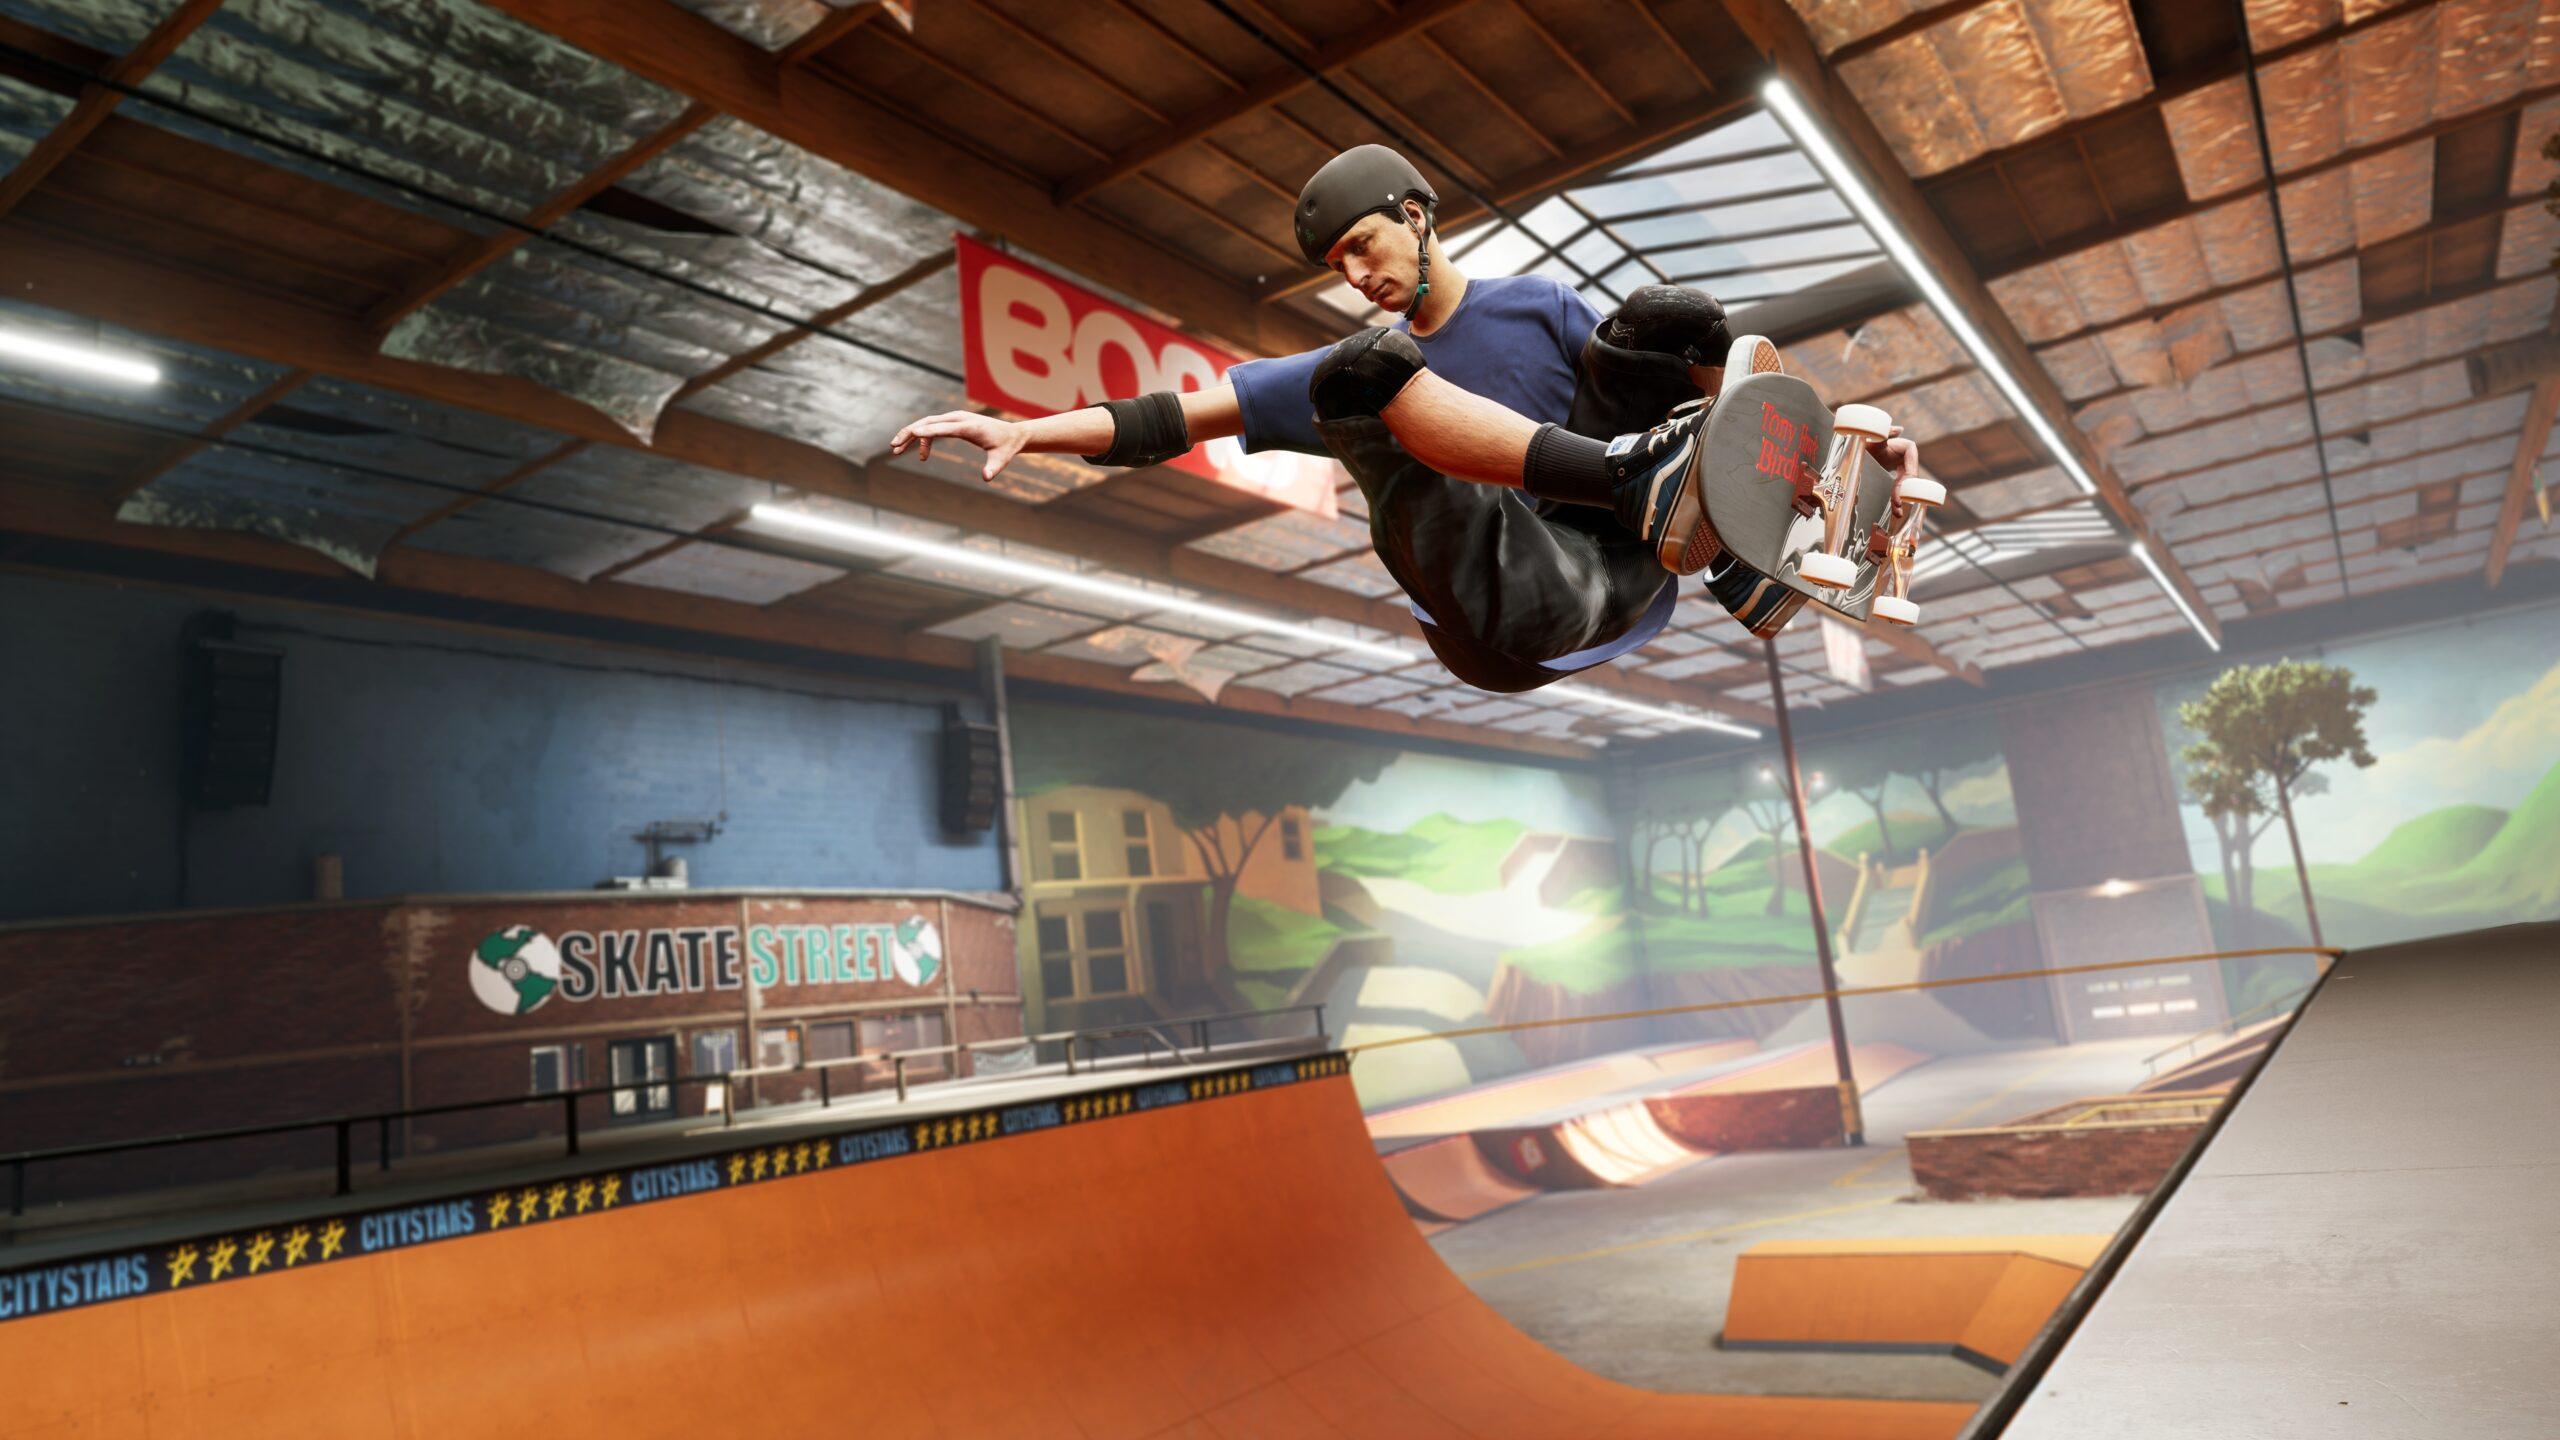 Tony-Hawks-Pro-Skater-1-2_2021_02-23-21_003